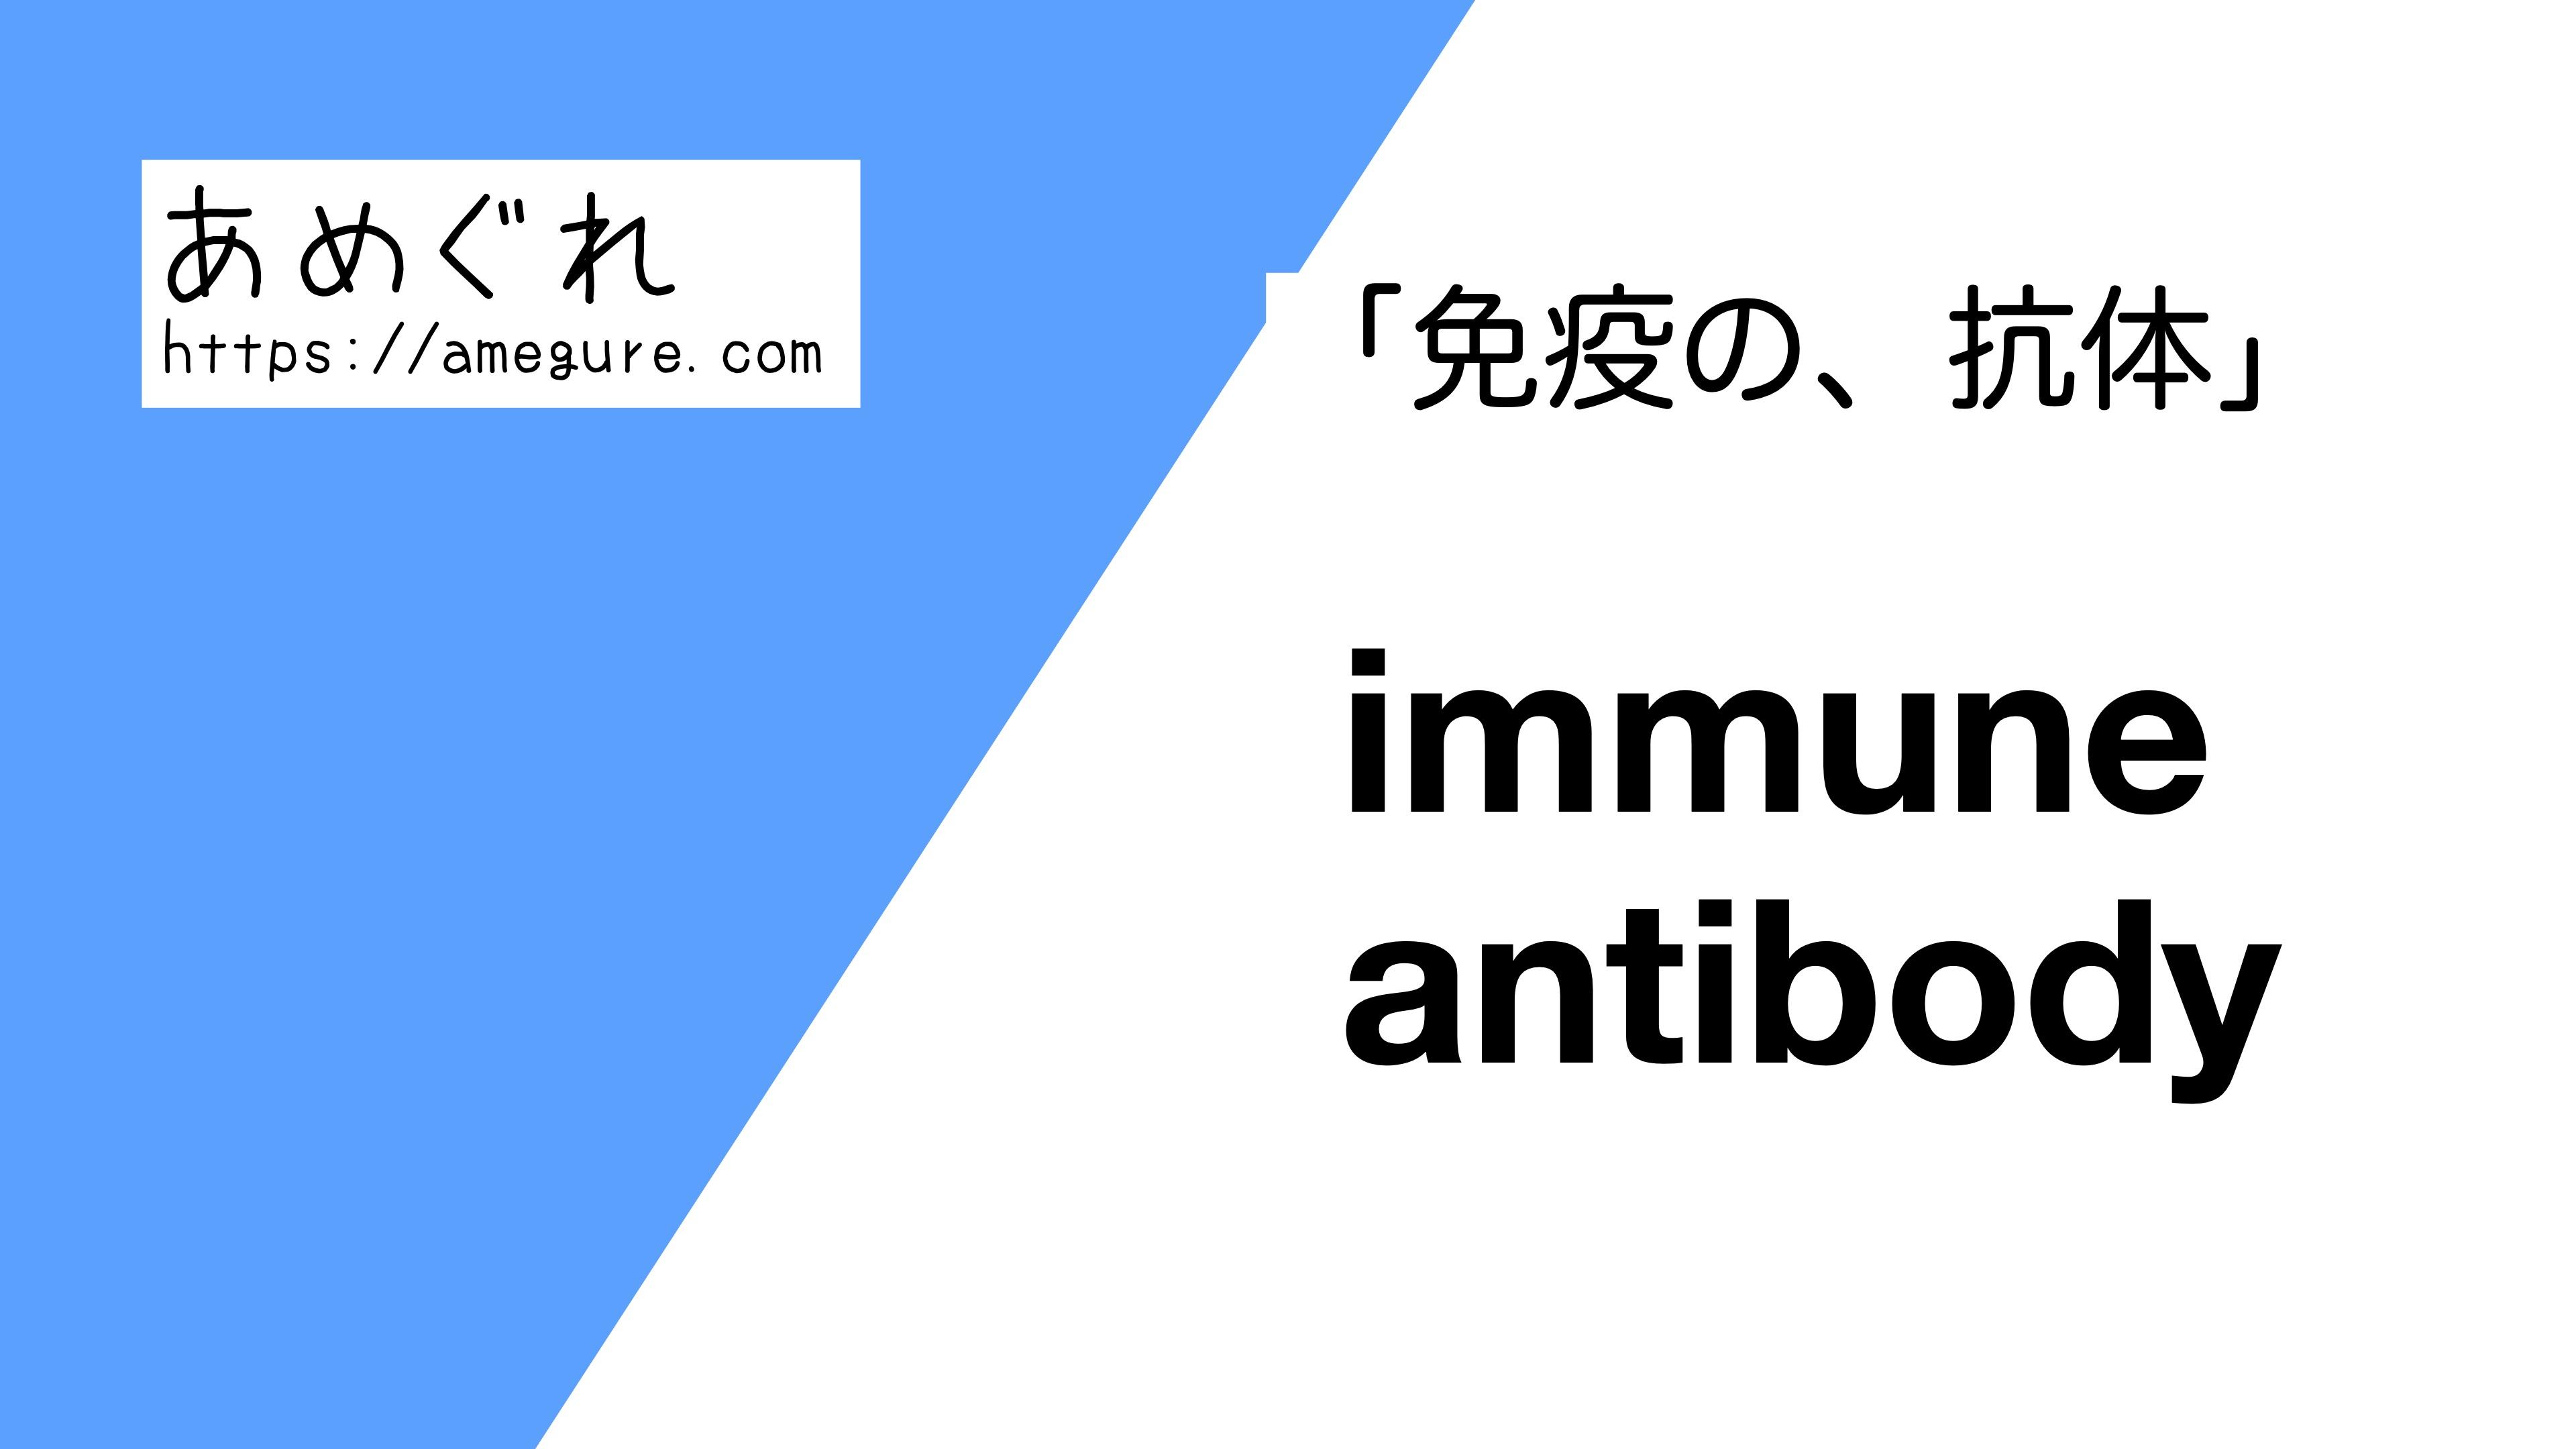 immune-antibody違い